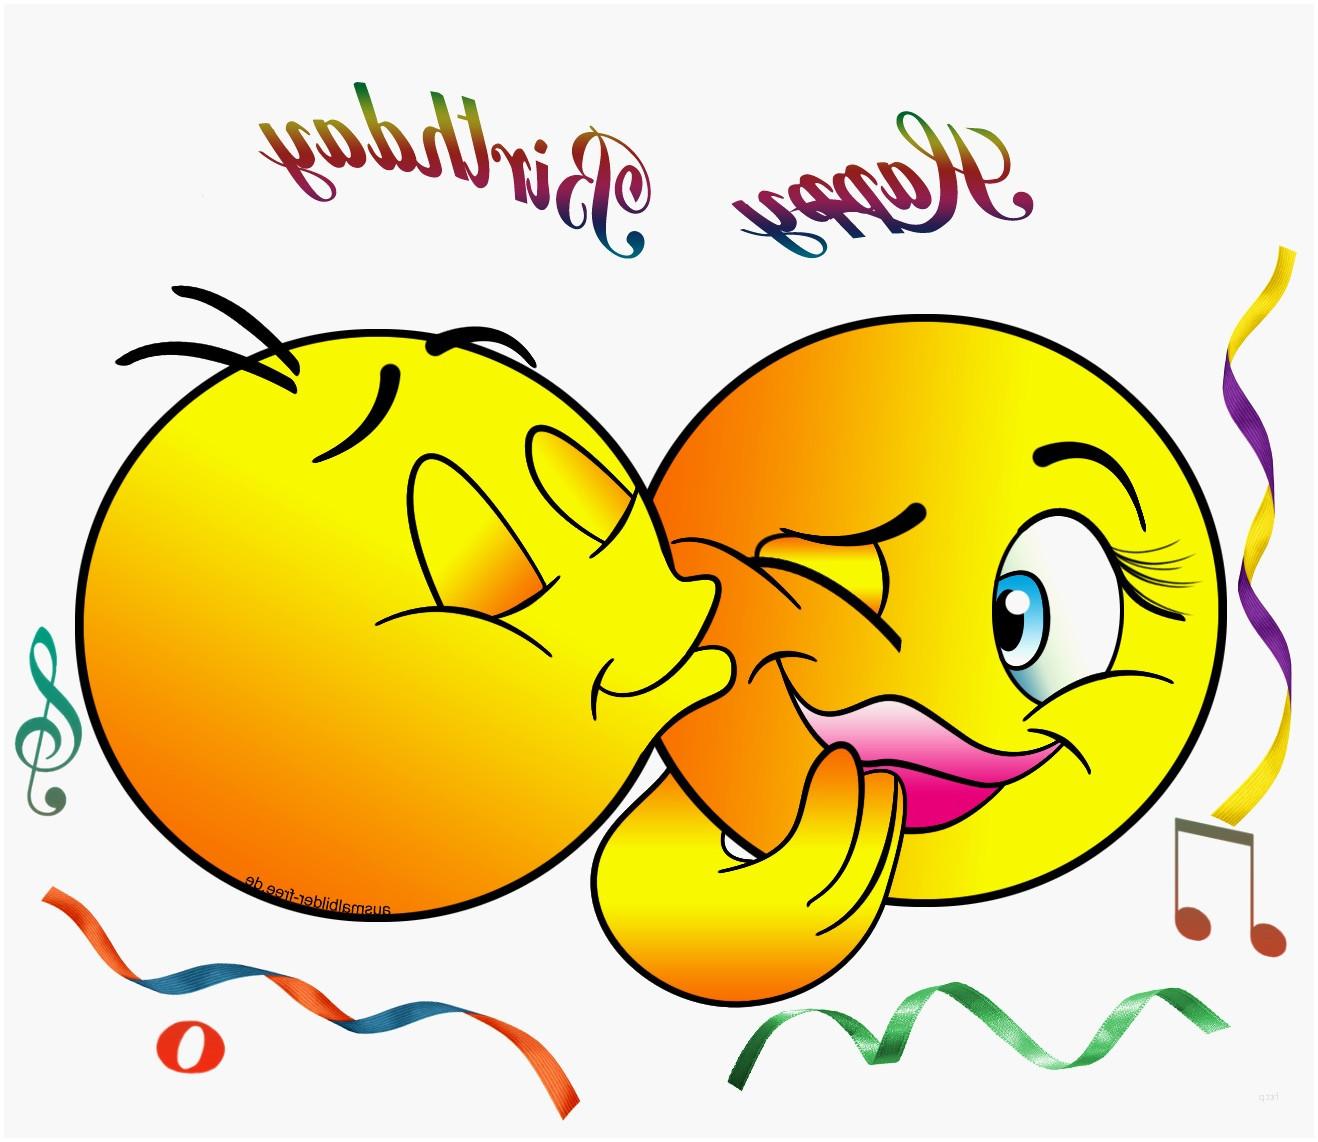 Smileys Zum Ausmalen Genial 37 Beste Von Ausmalbilder Emoji – Große Coloring Page Sammlung Das Bild